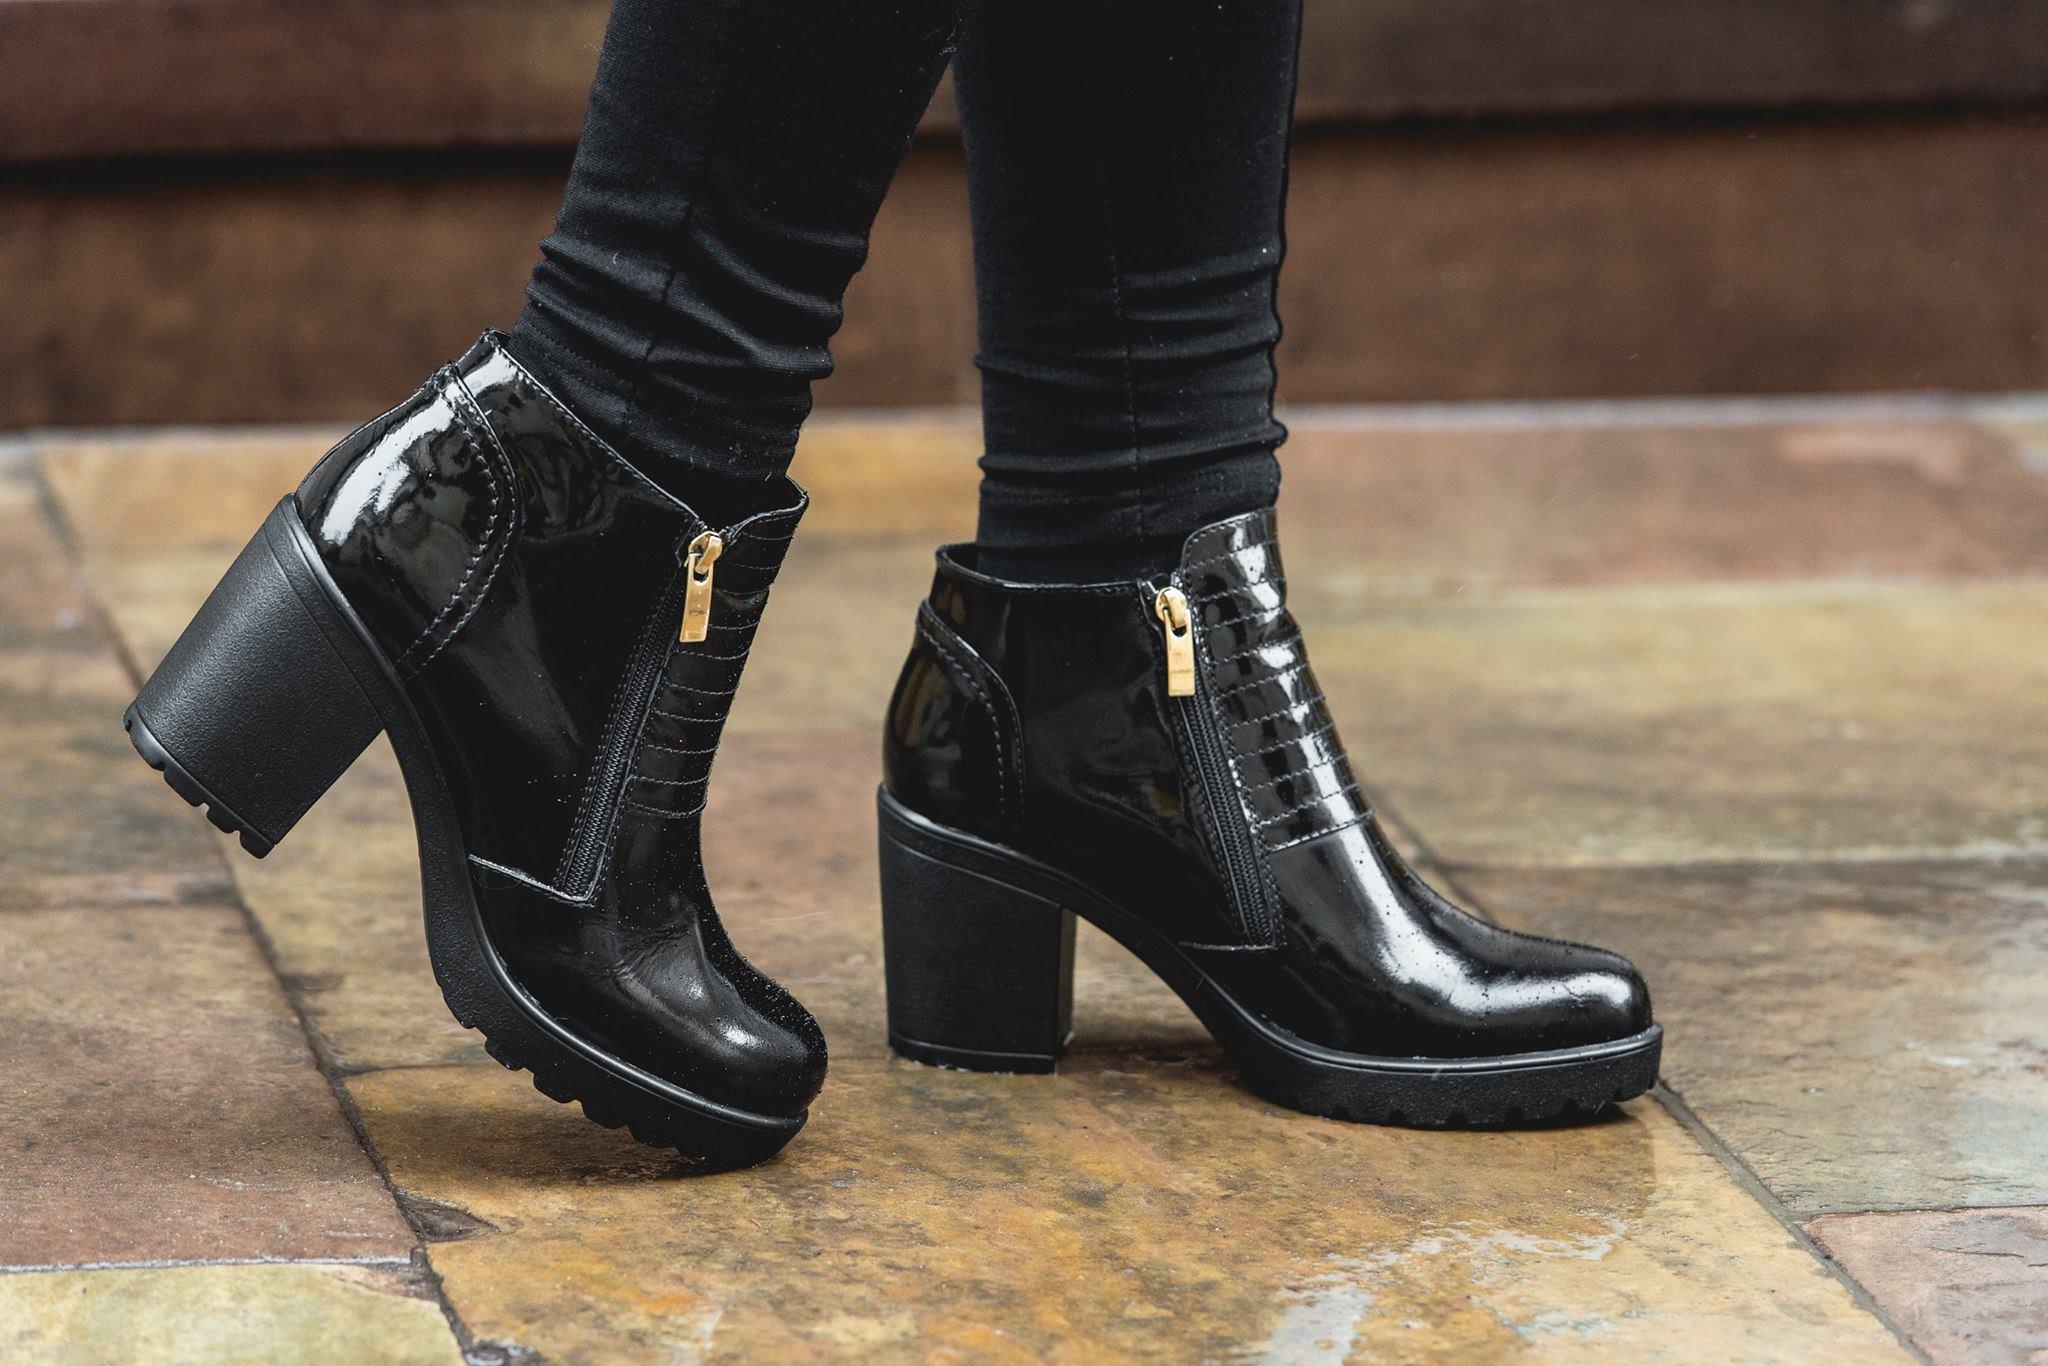 Лаковане взуття дуже вибагливе до погодніх умов. Не варто взувати його у дощову  погоду cbdfcb7f18a5f